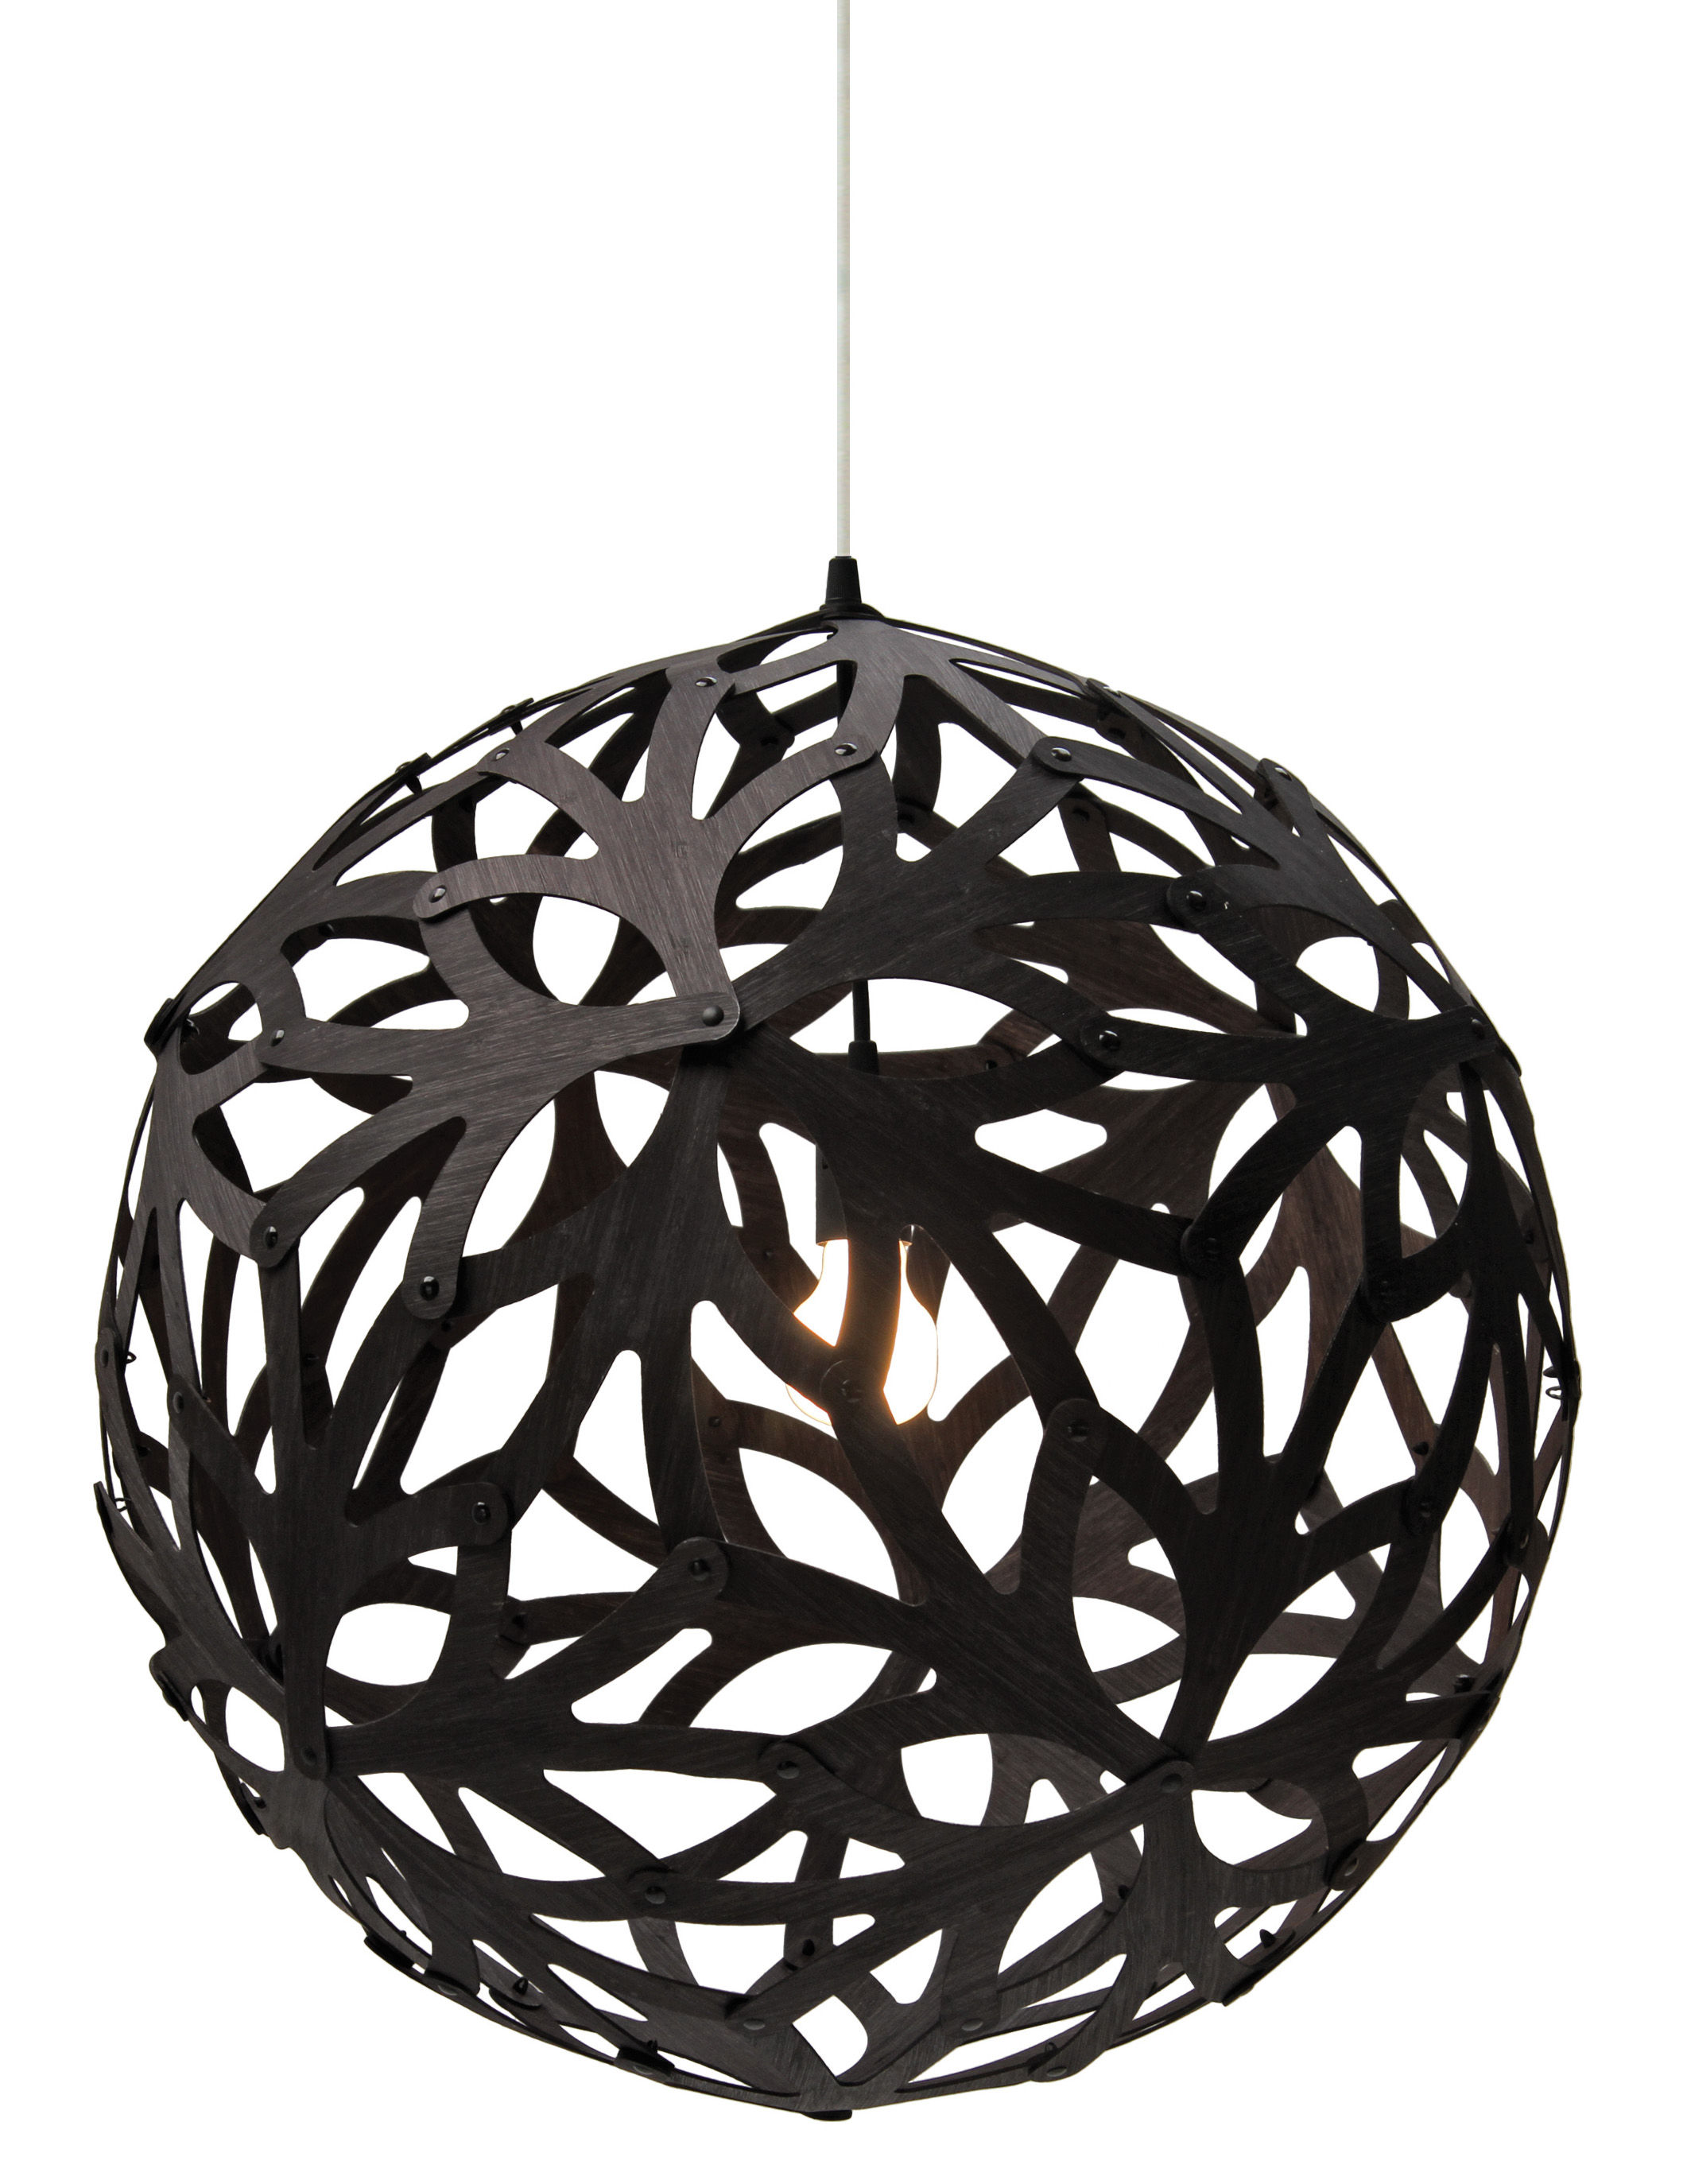 Illuminazione - Lampadari - Sospensione Floral - Ø 60 cm - Nero - Esclusiva web di David Trubridge - Nero / legno naturale - Pino